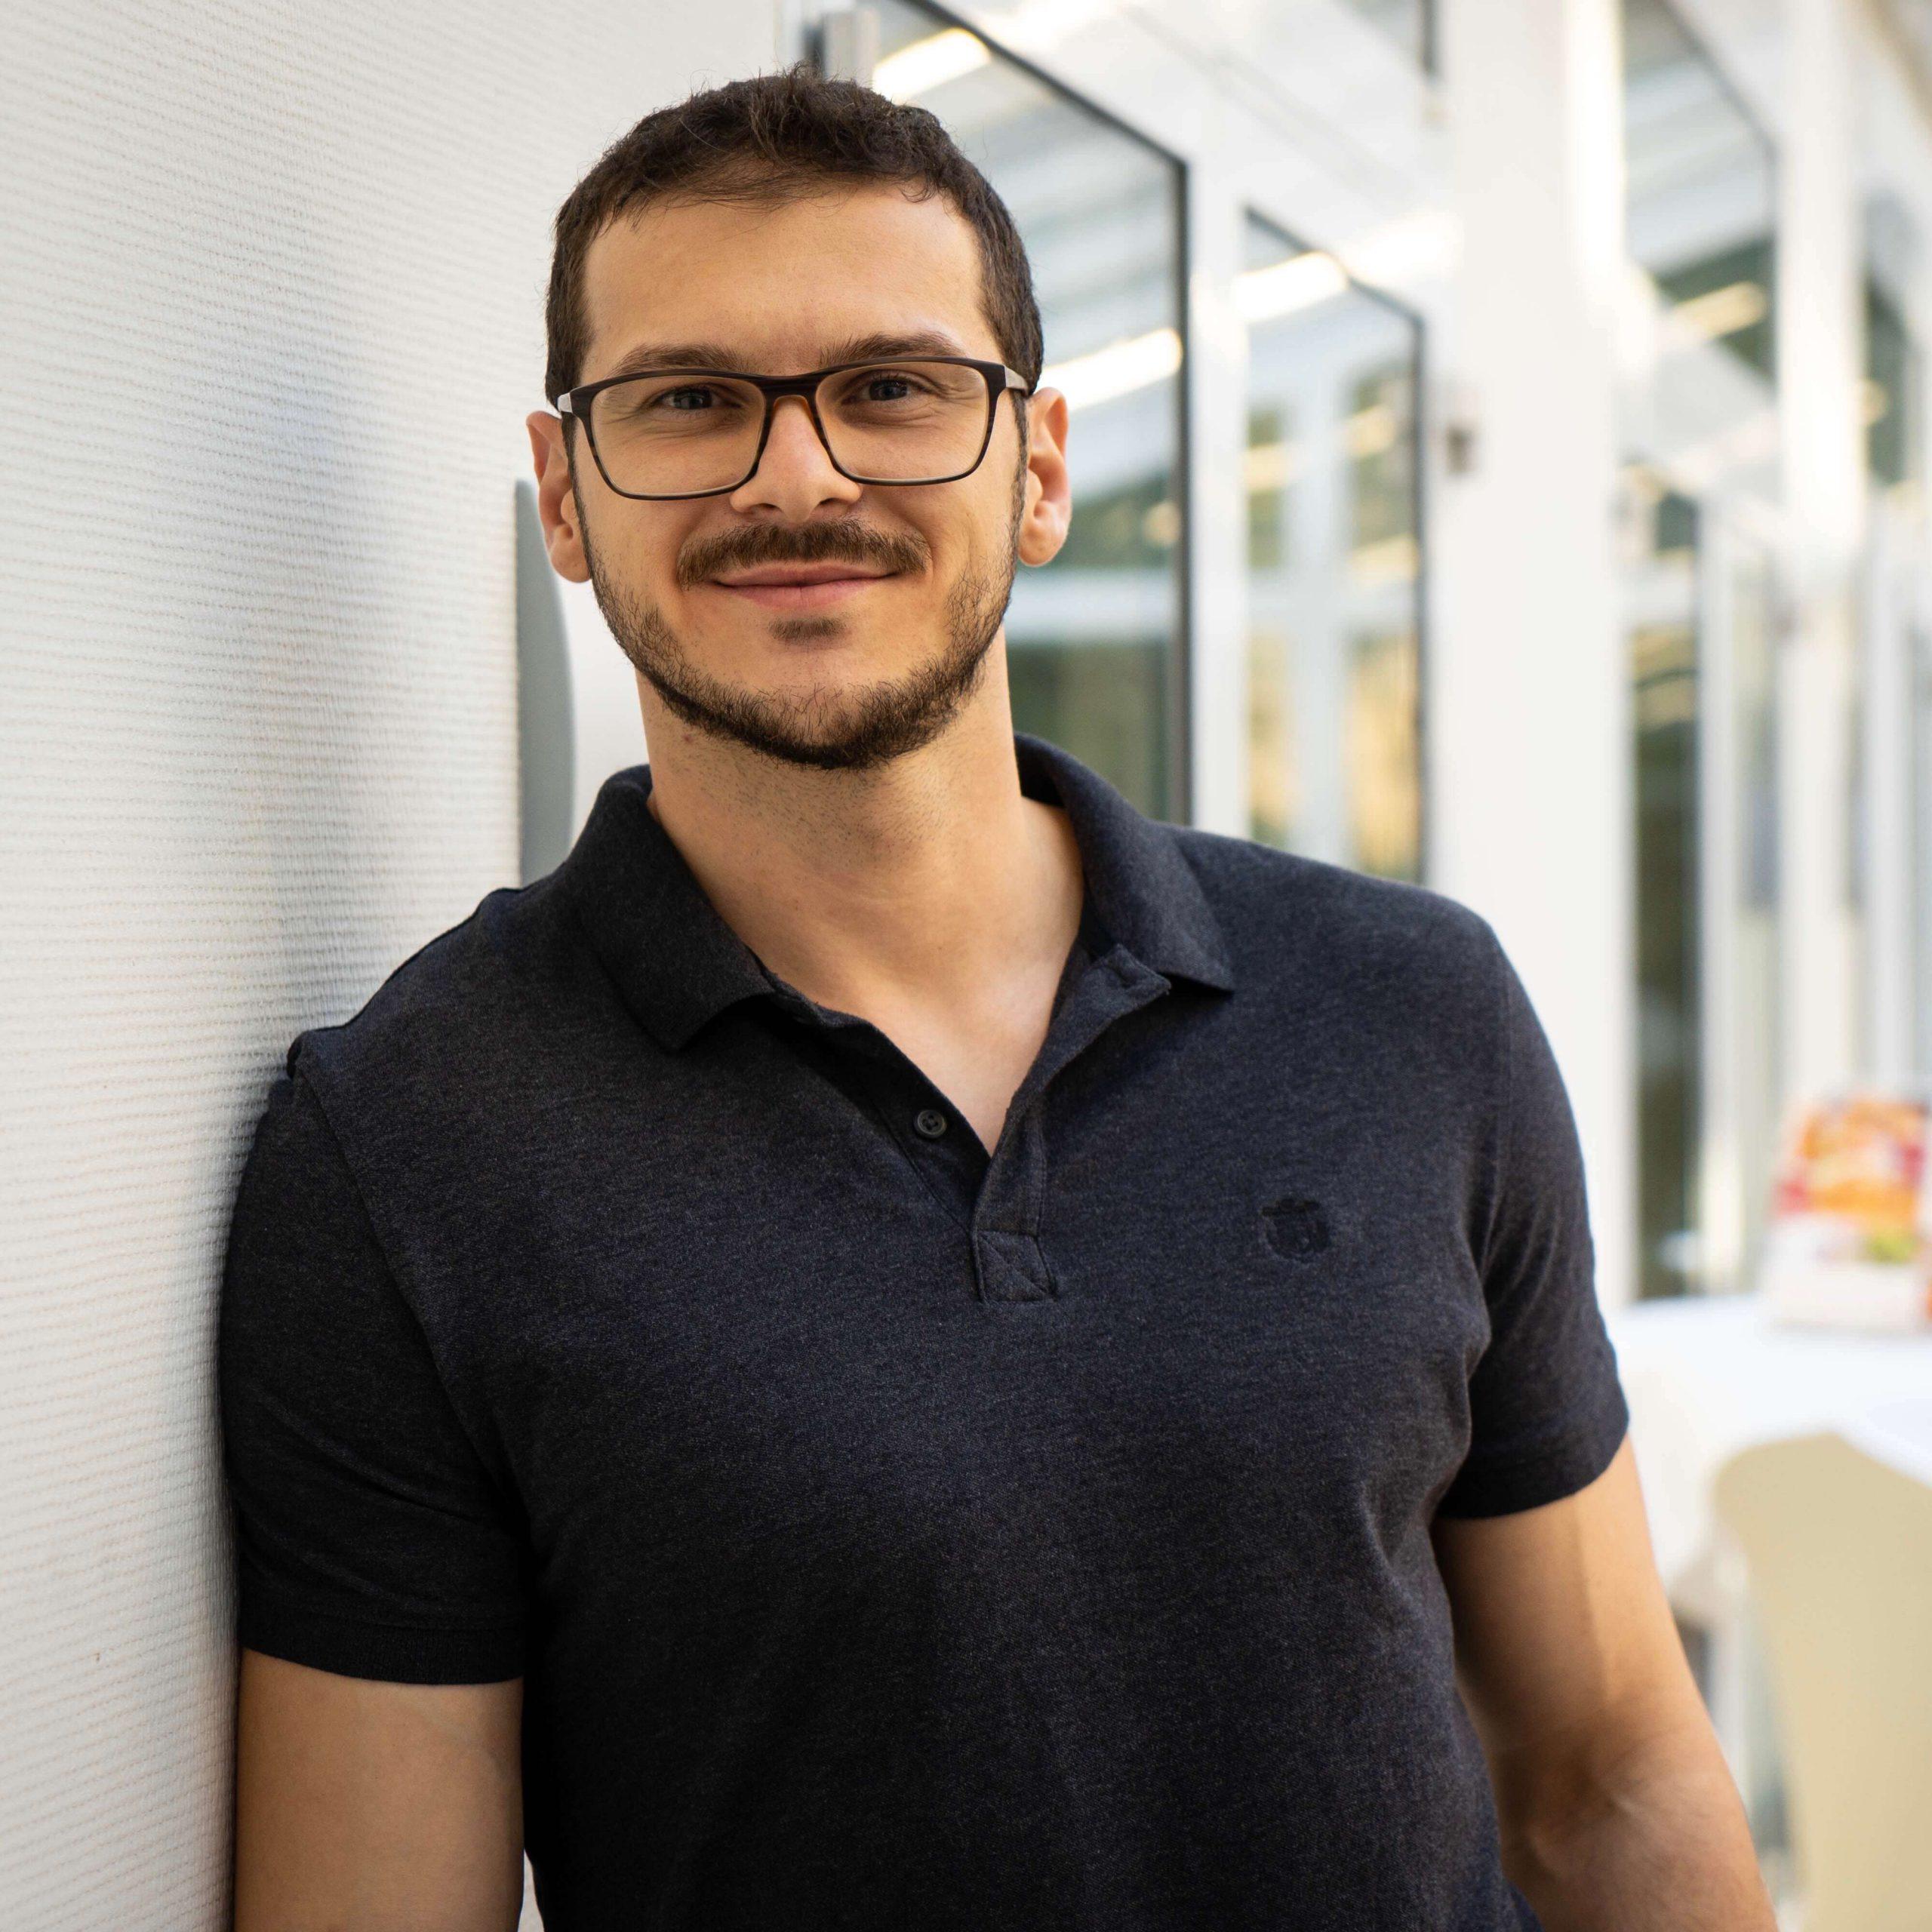 Dusan Sladek